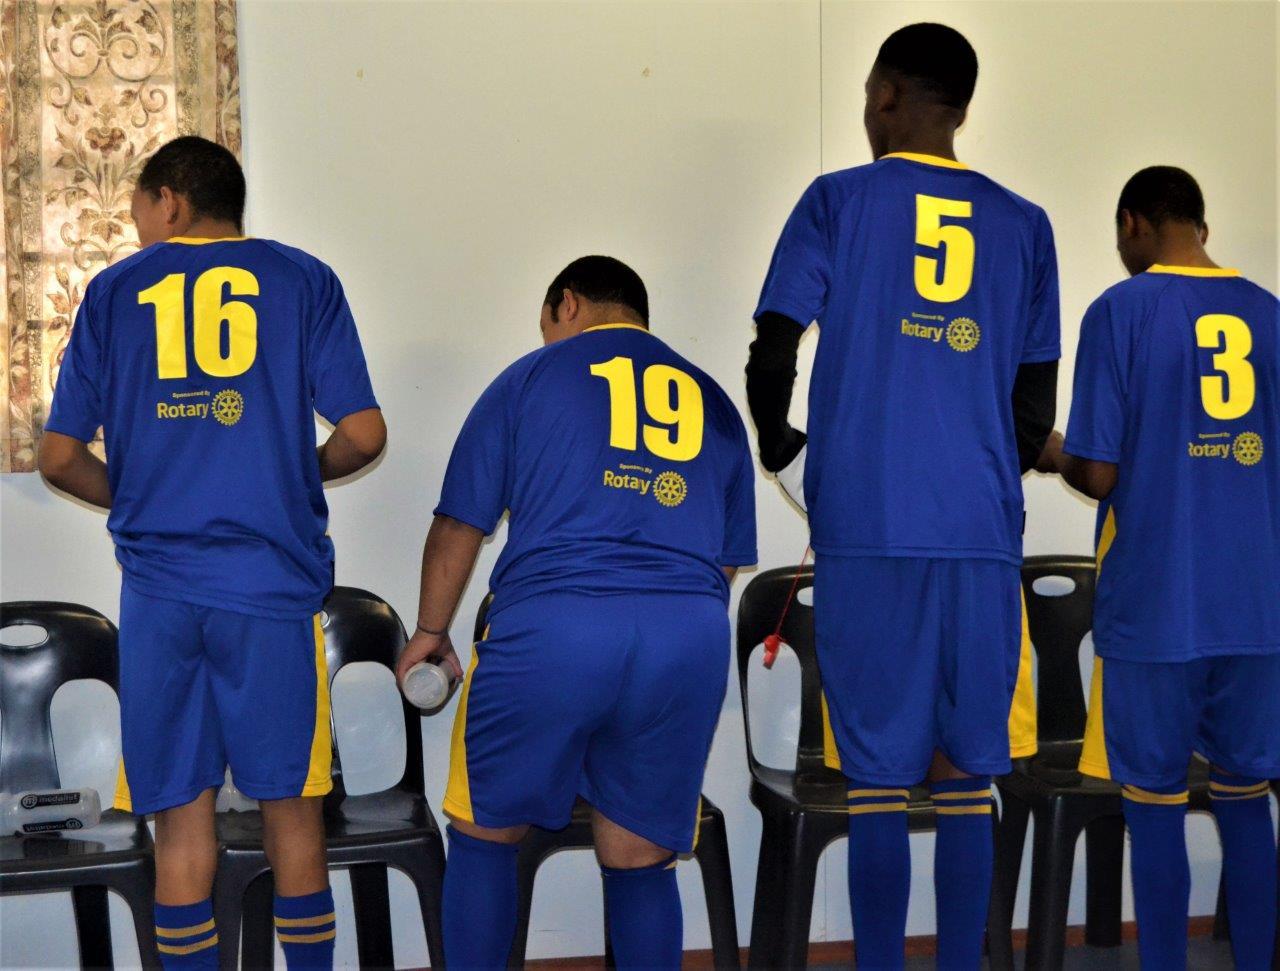 Soccer-at-LSEN-School-1